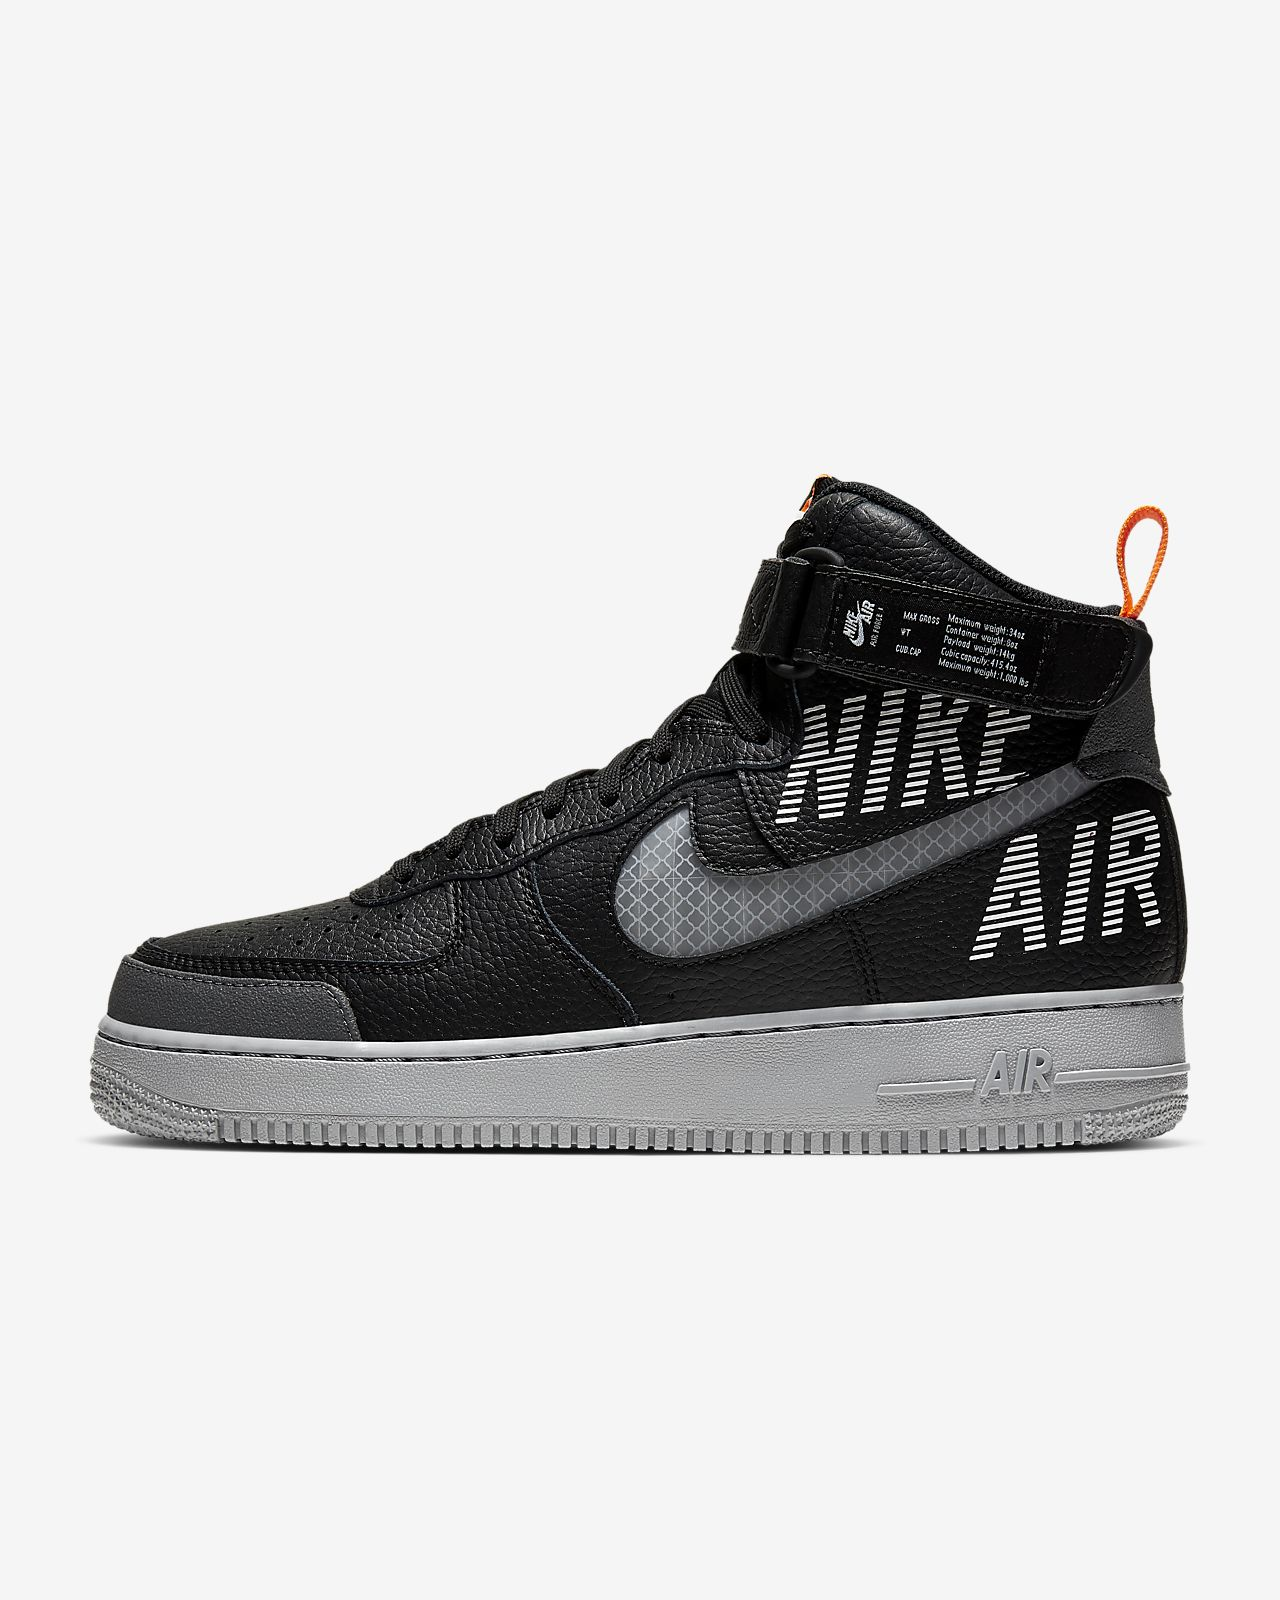 Sko Nike Air Force 1 High '07 LV8 2 för män